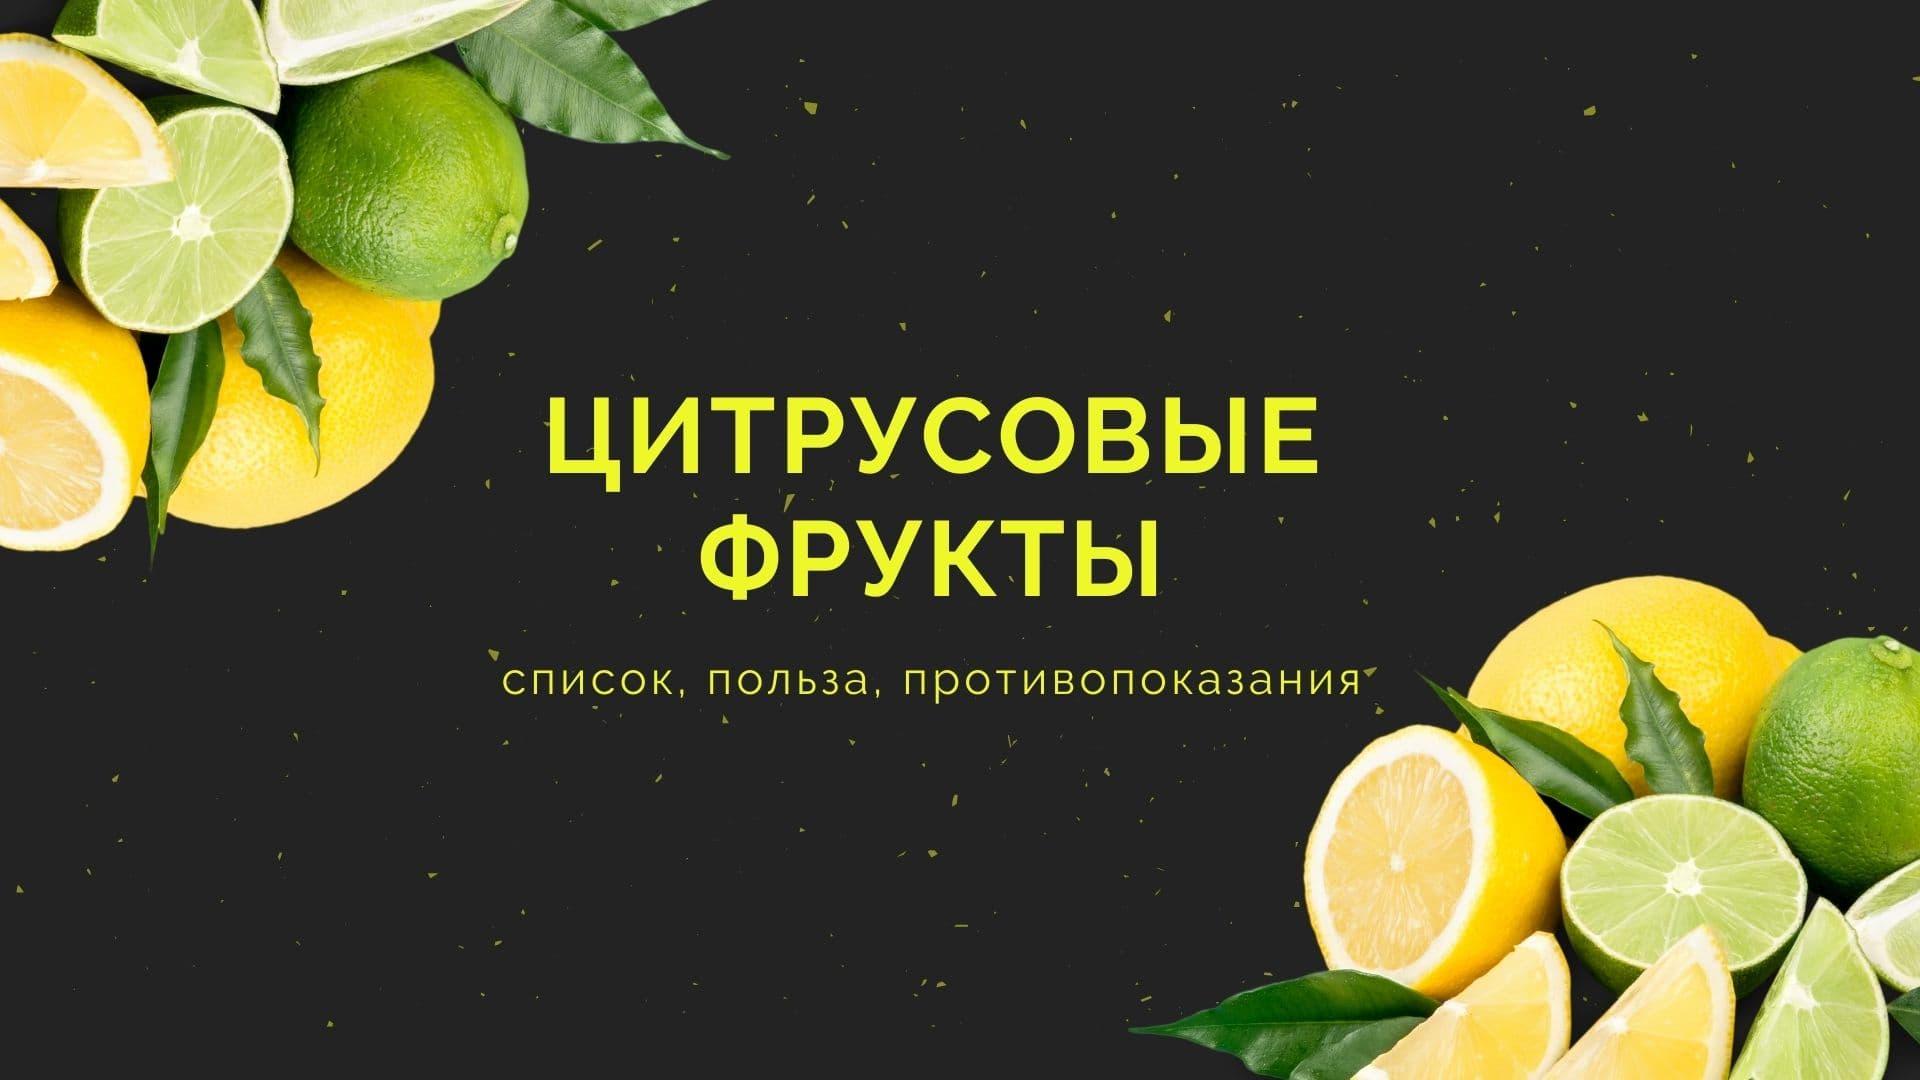 Цитрусовые фрукты: список, польза, противопоказания